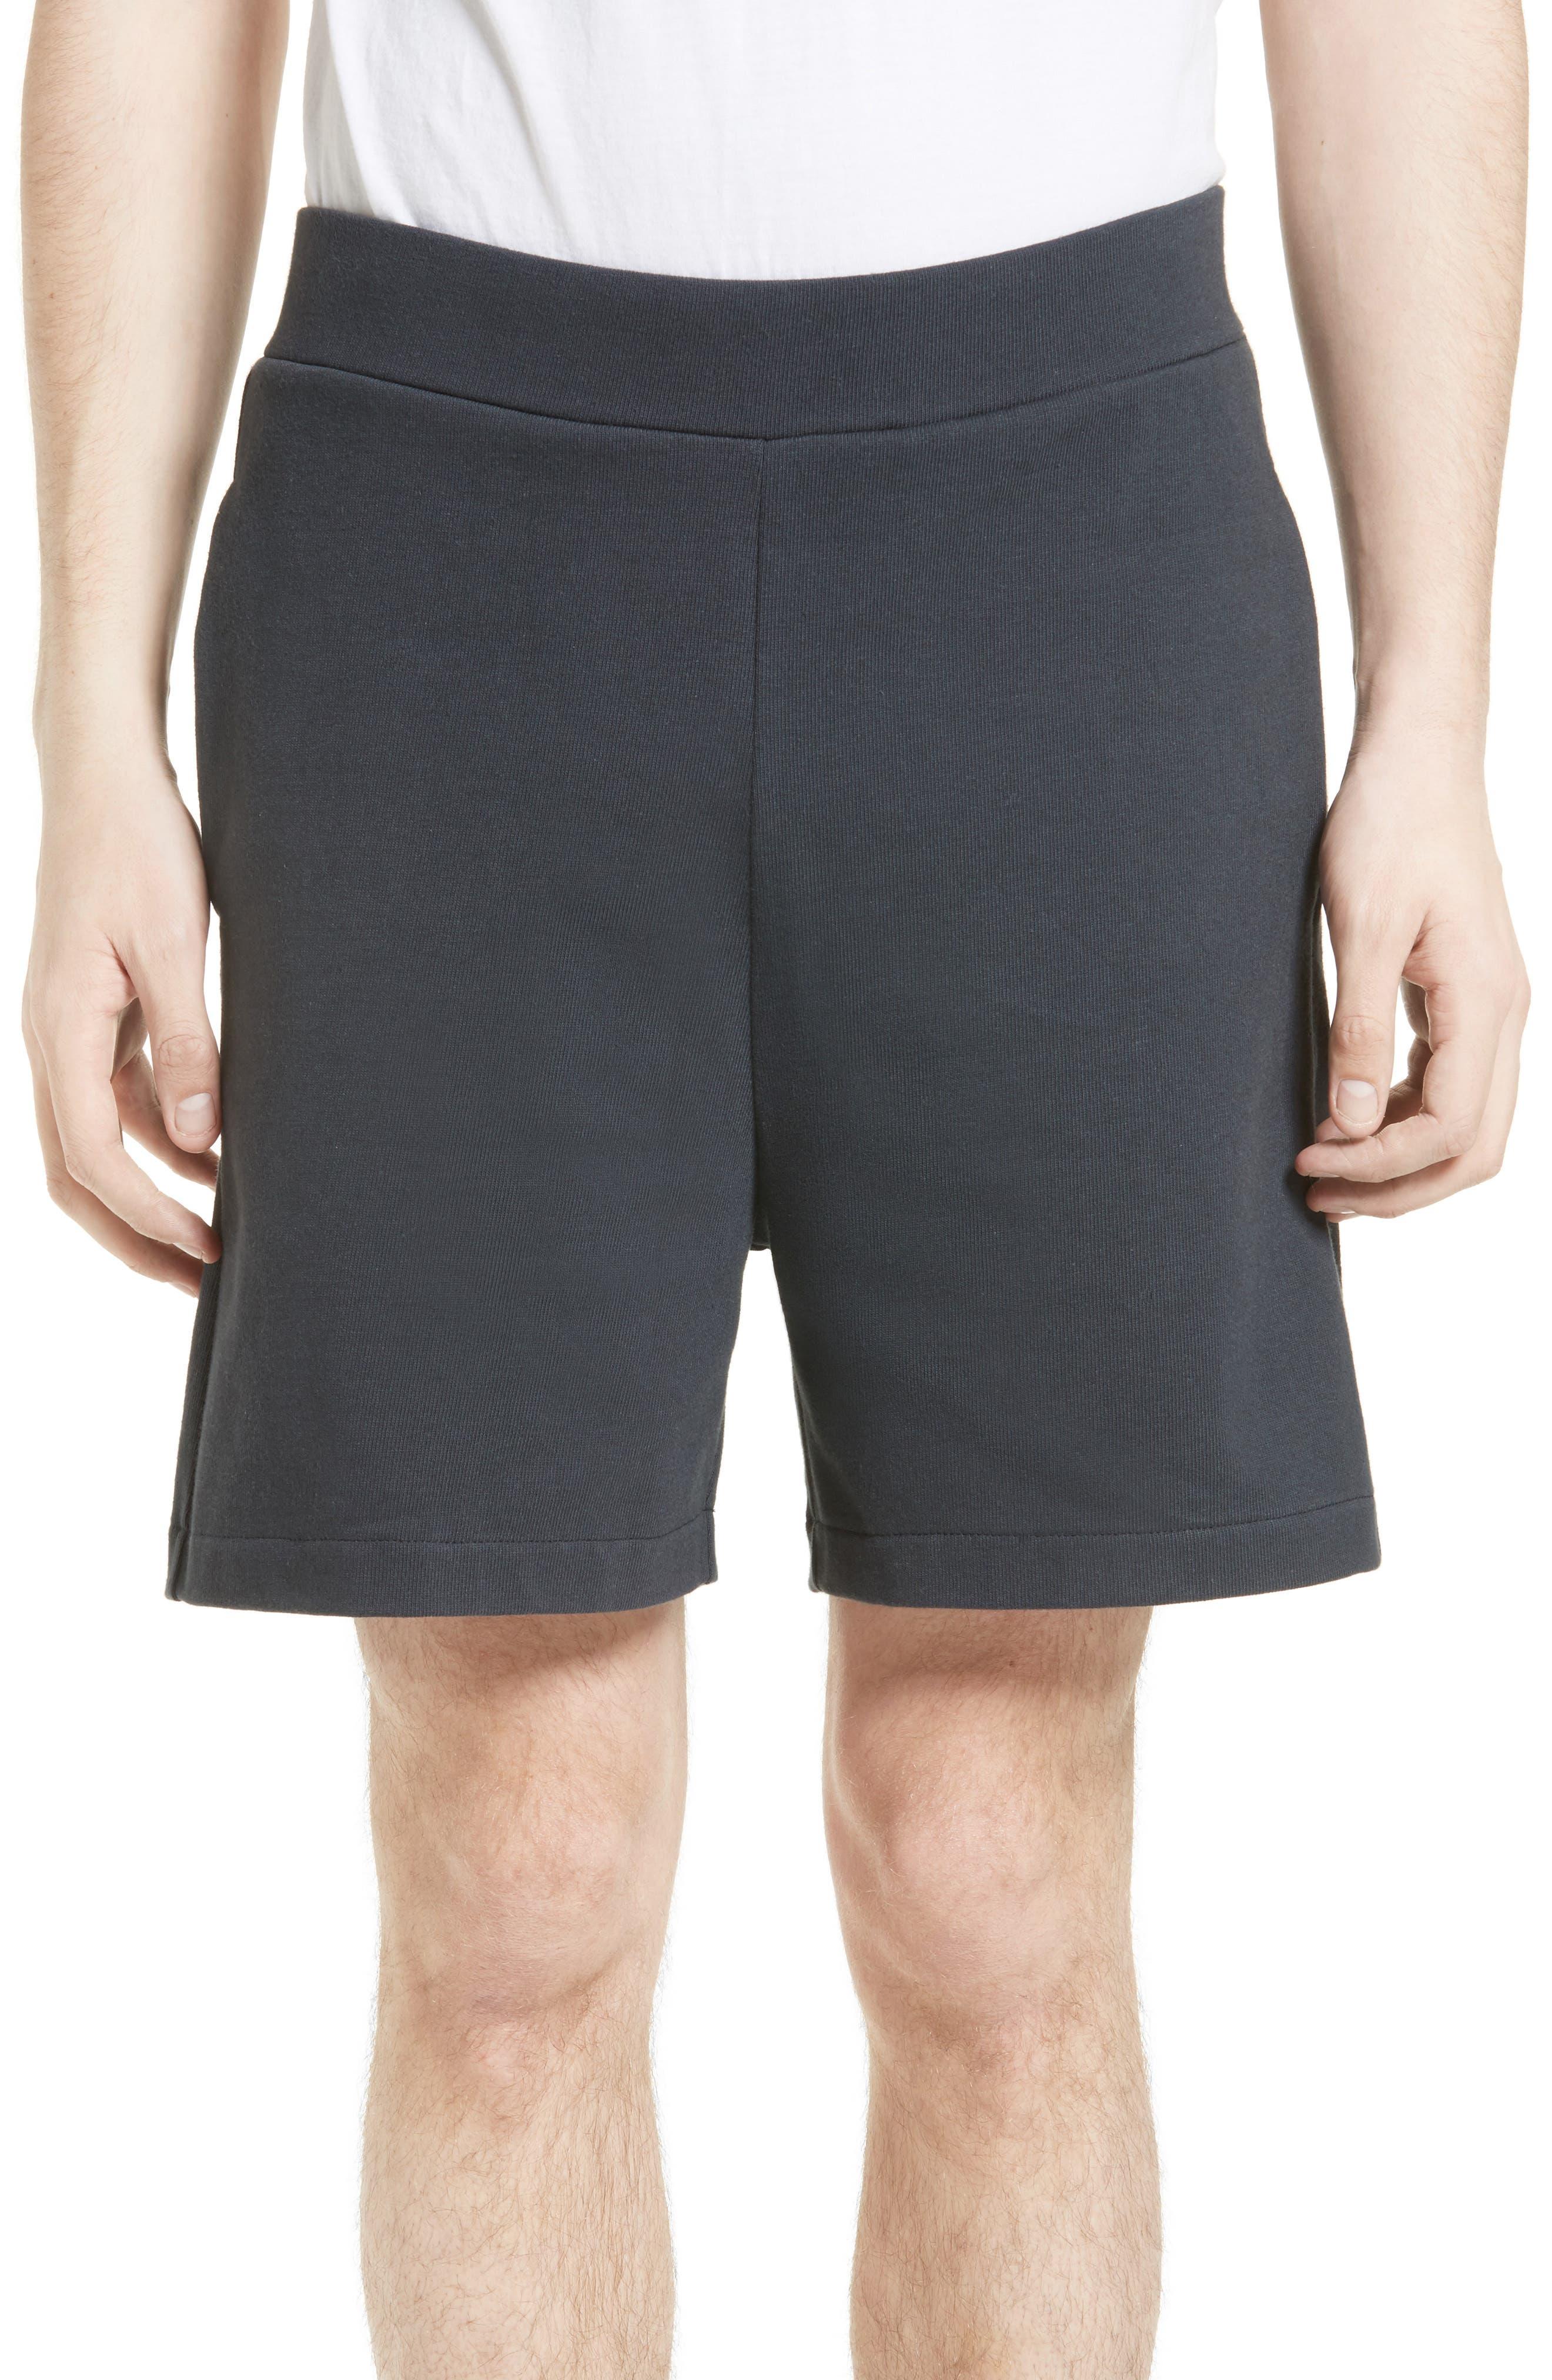 Green Park Jersey Shorts,                             Main thumbnail 1, color,                             020